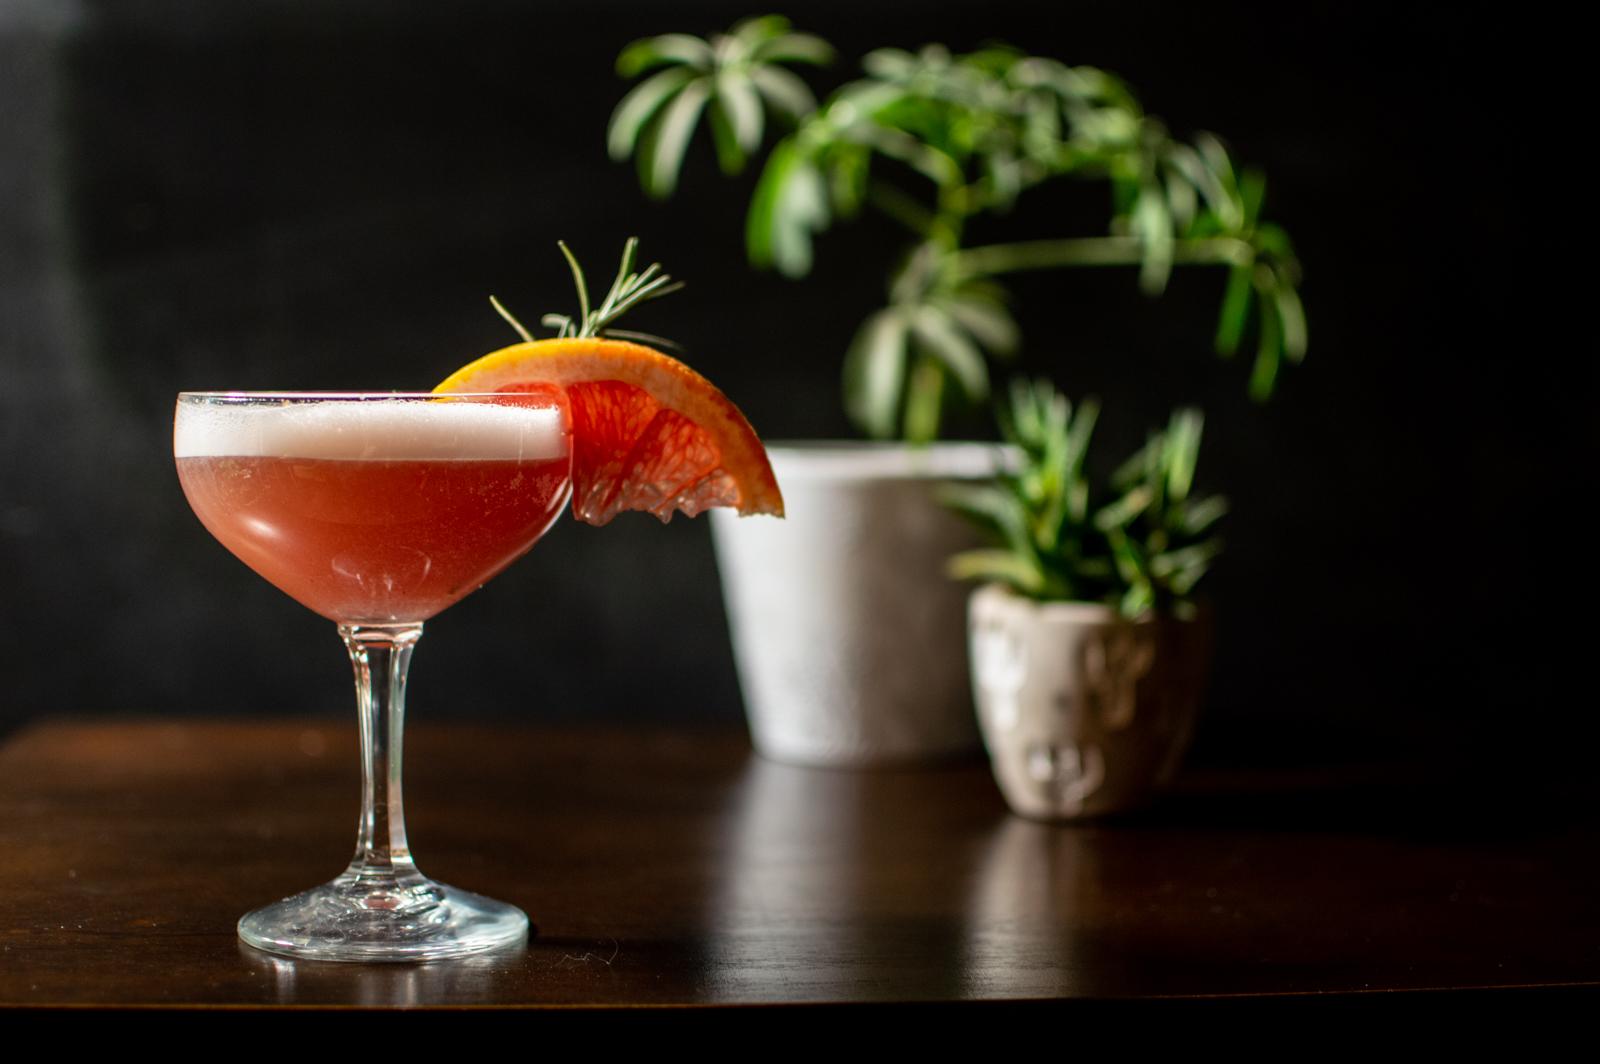 Cocktail à base de thé : Strawberry Fields